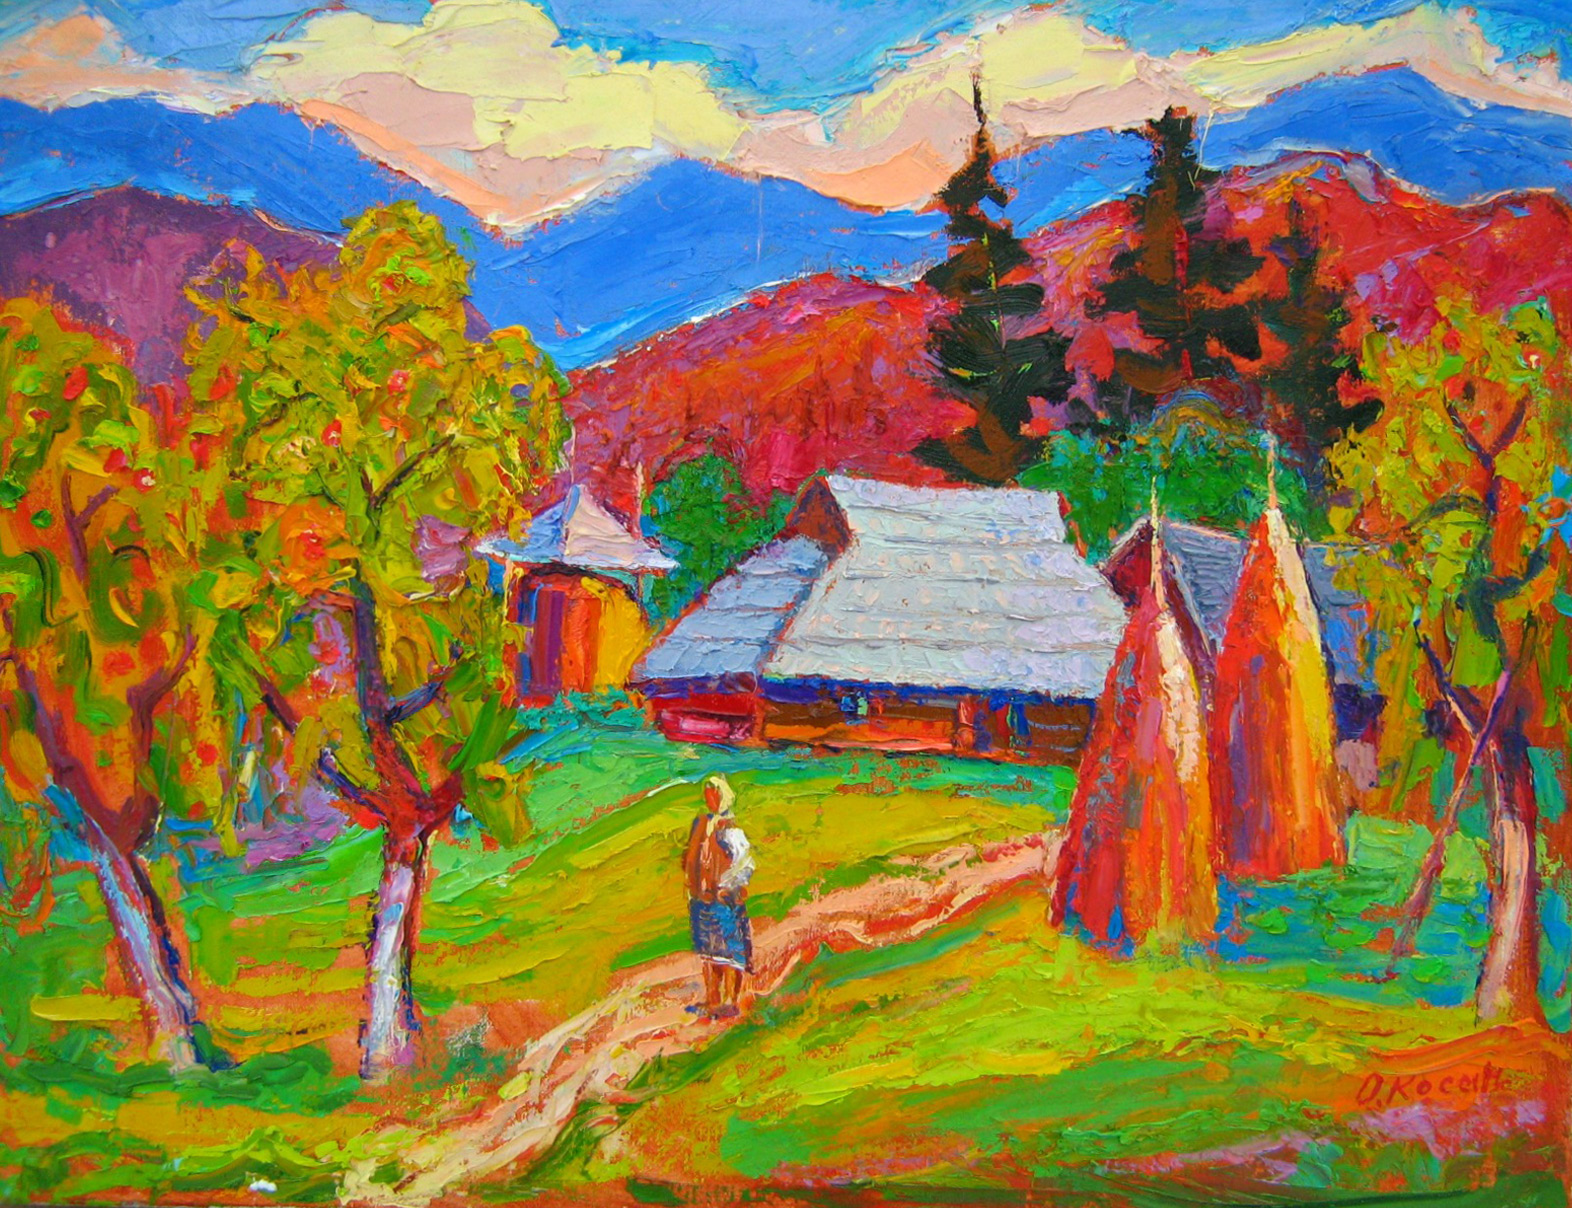 1310917290_osn-v-gorah_www.nevsepic.com.ua